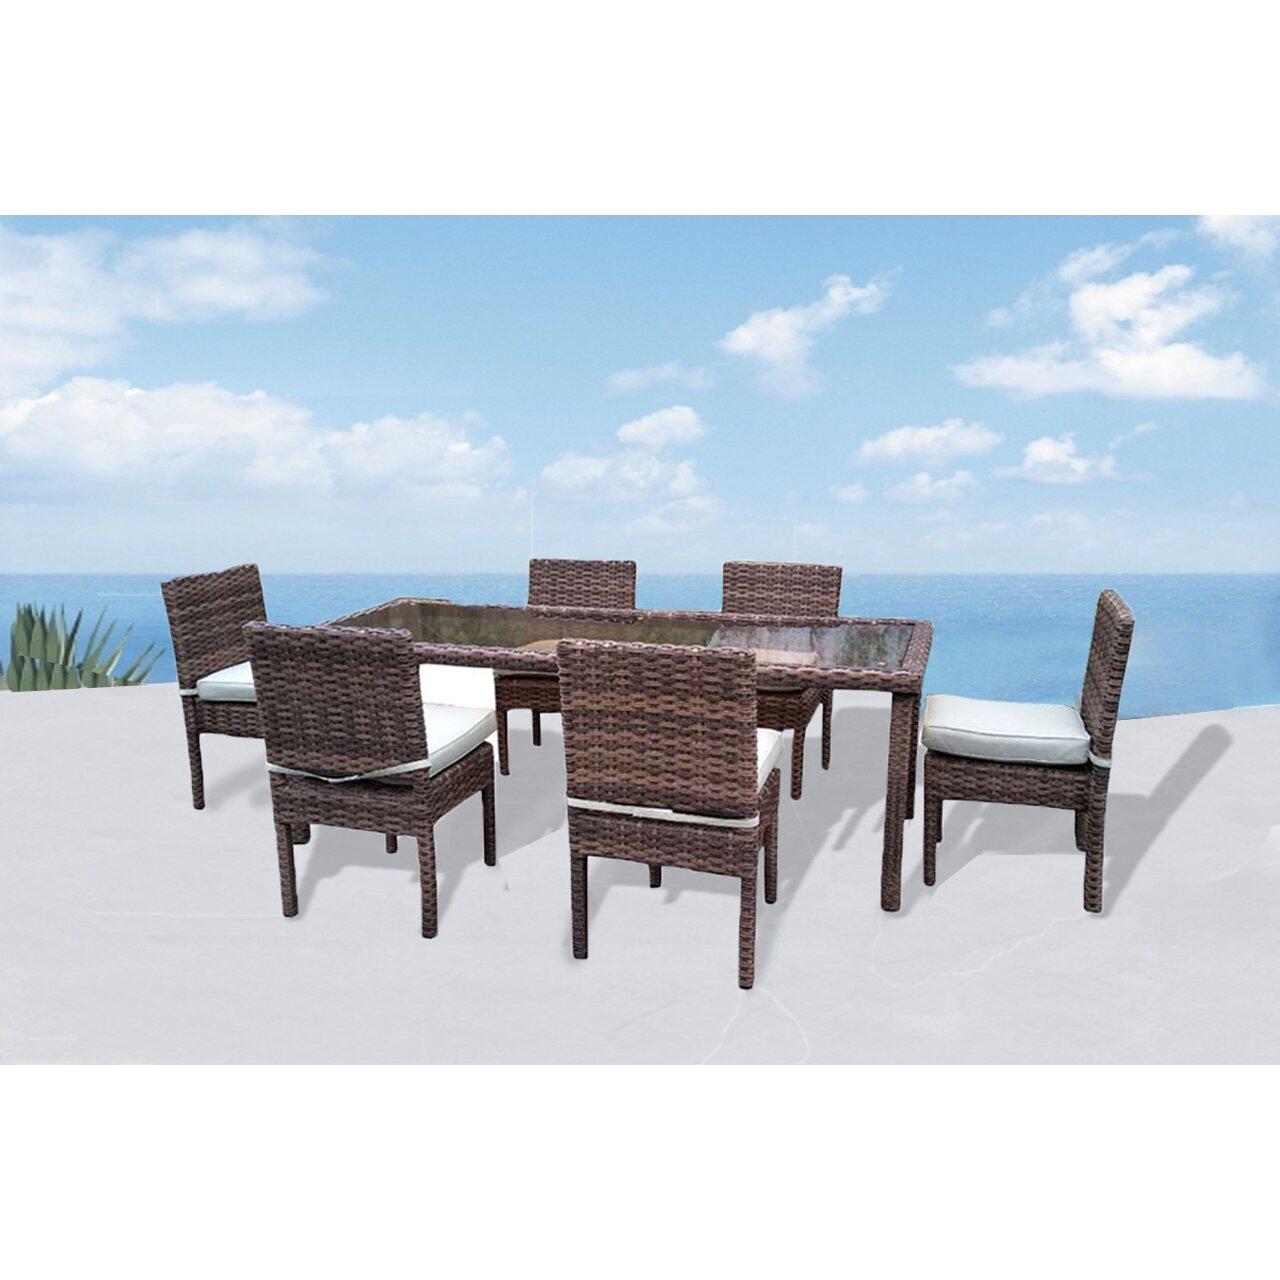 6 person patio set canada